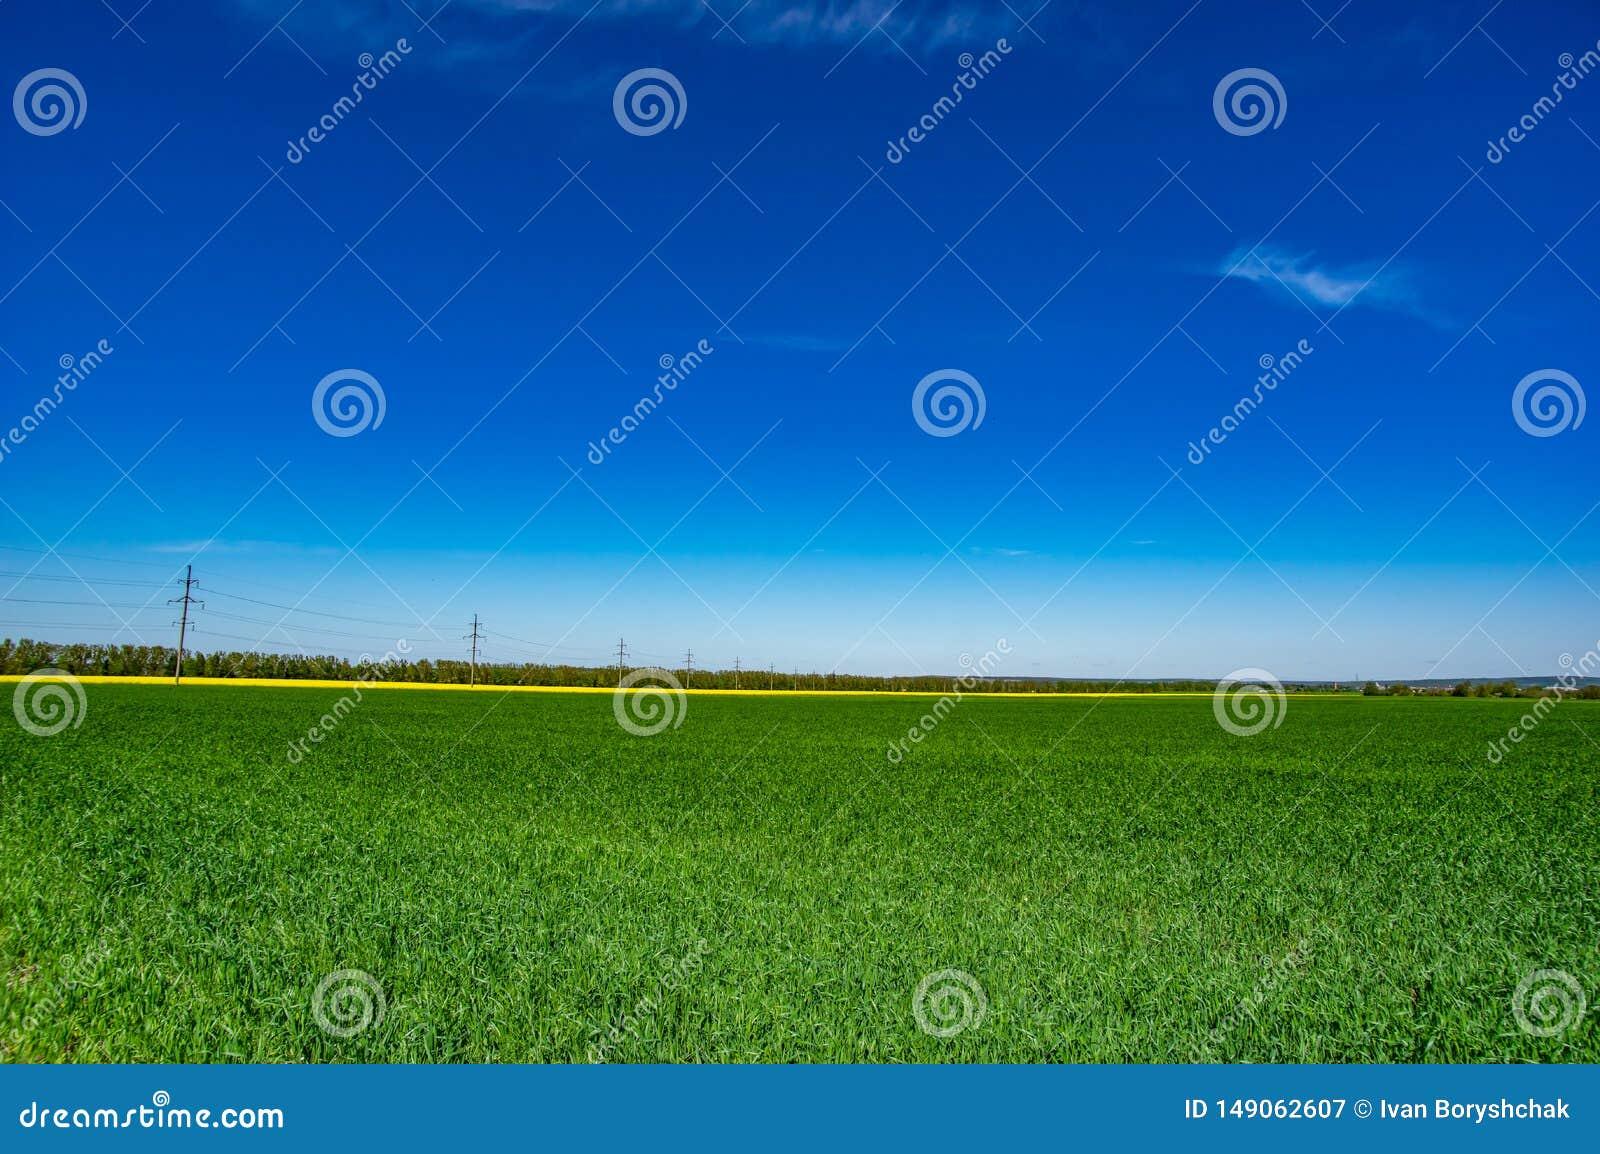 Groen gebied op een achtergrond van blauwe hemel